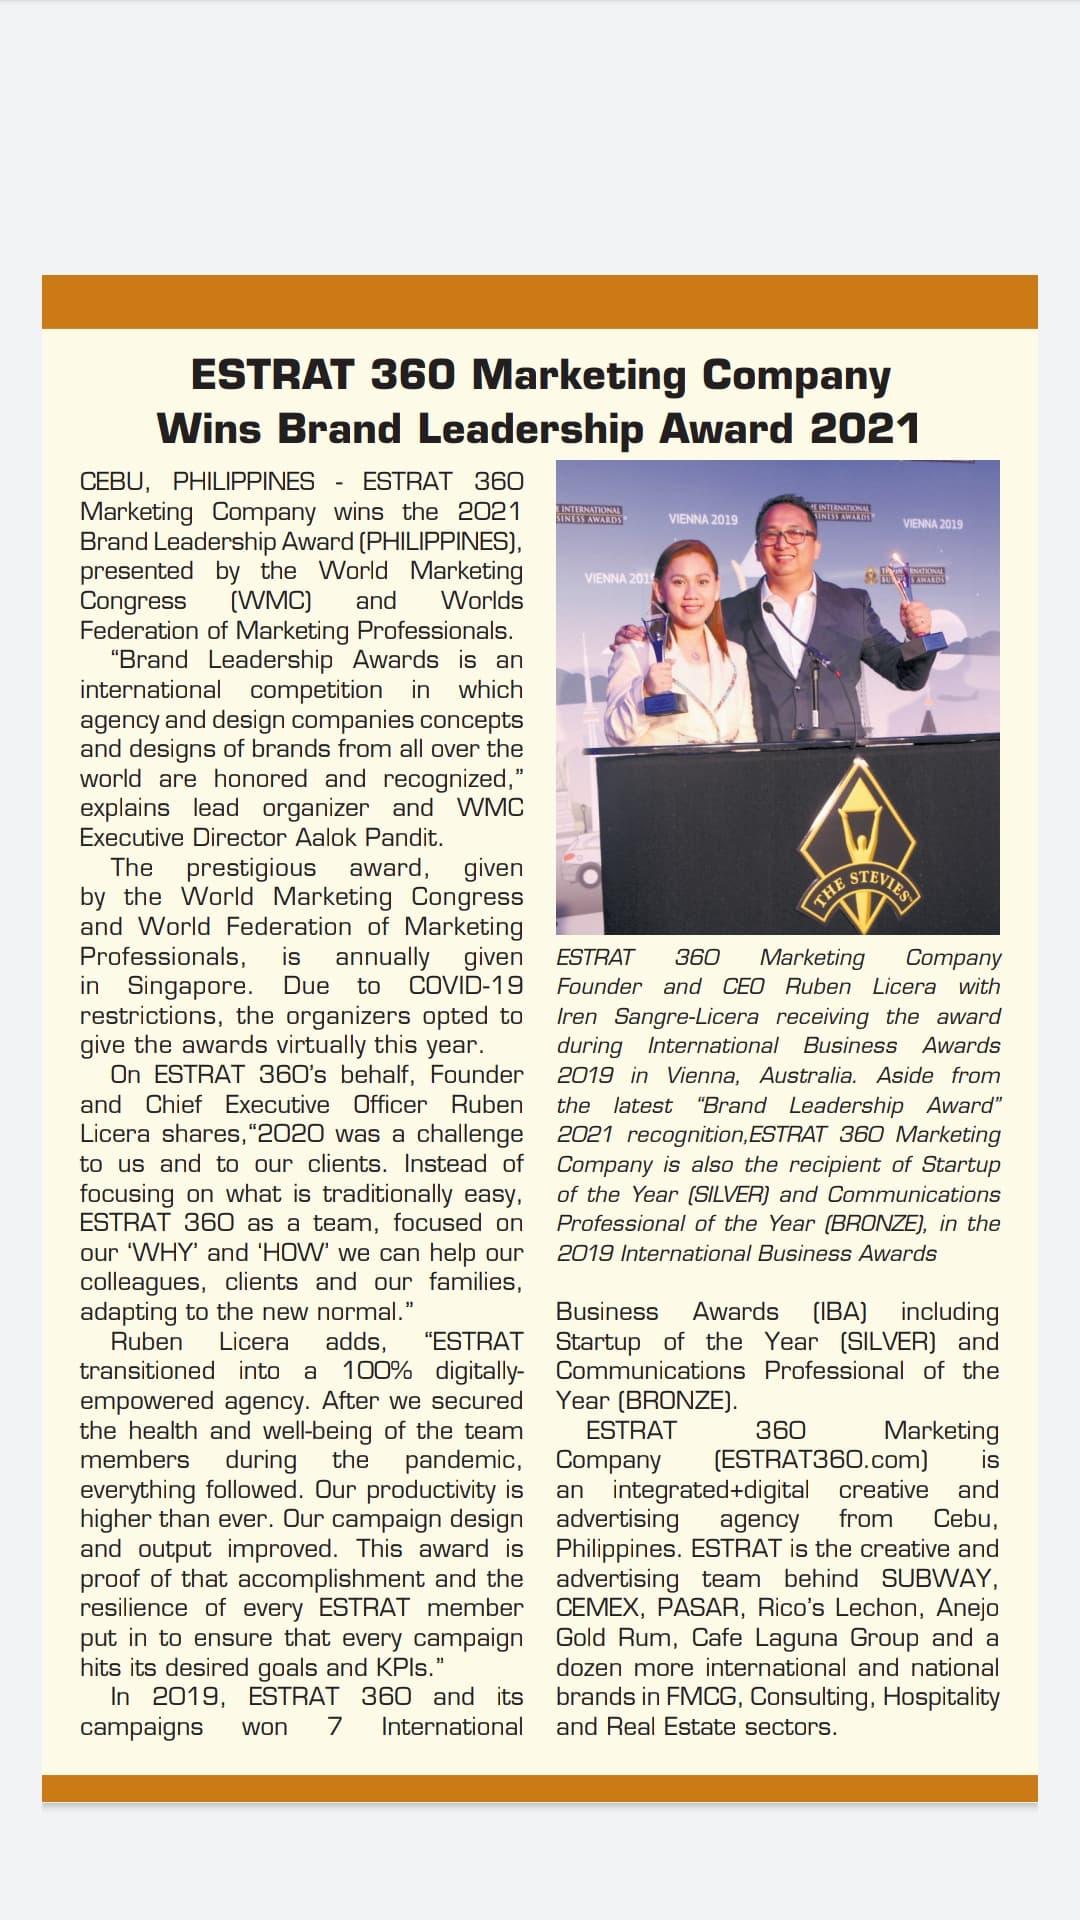 ESTRAT Feature in BusinessWorld